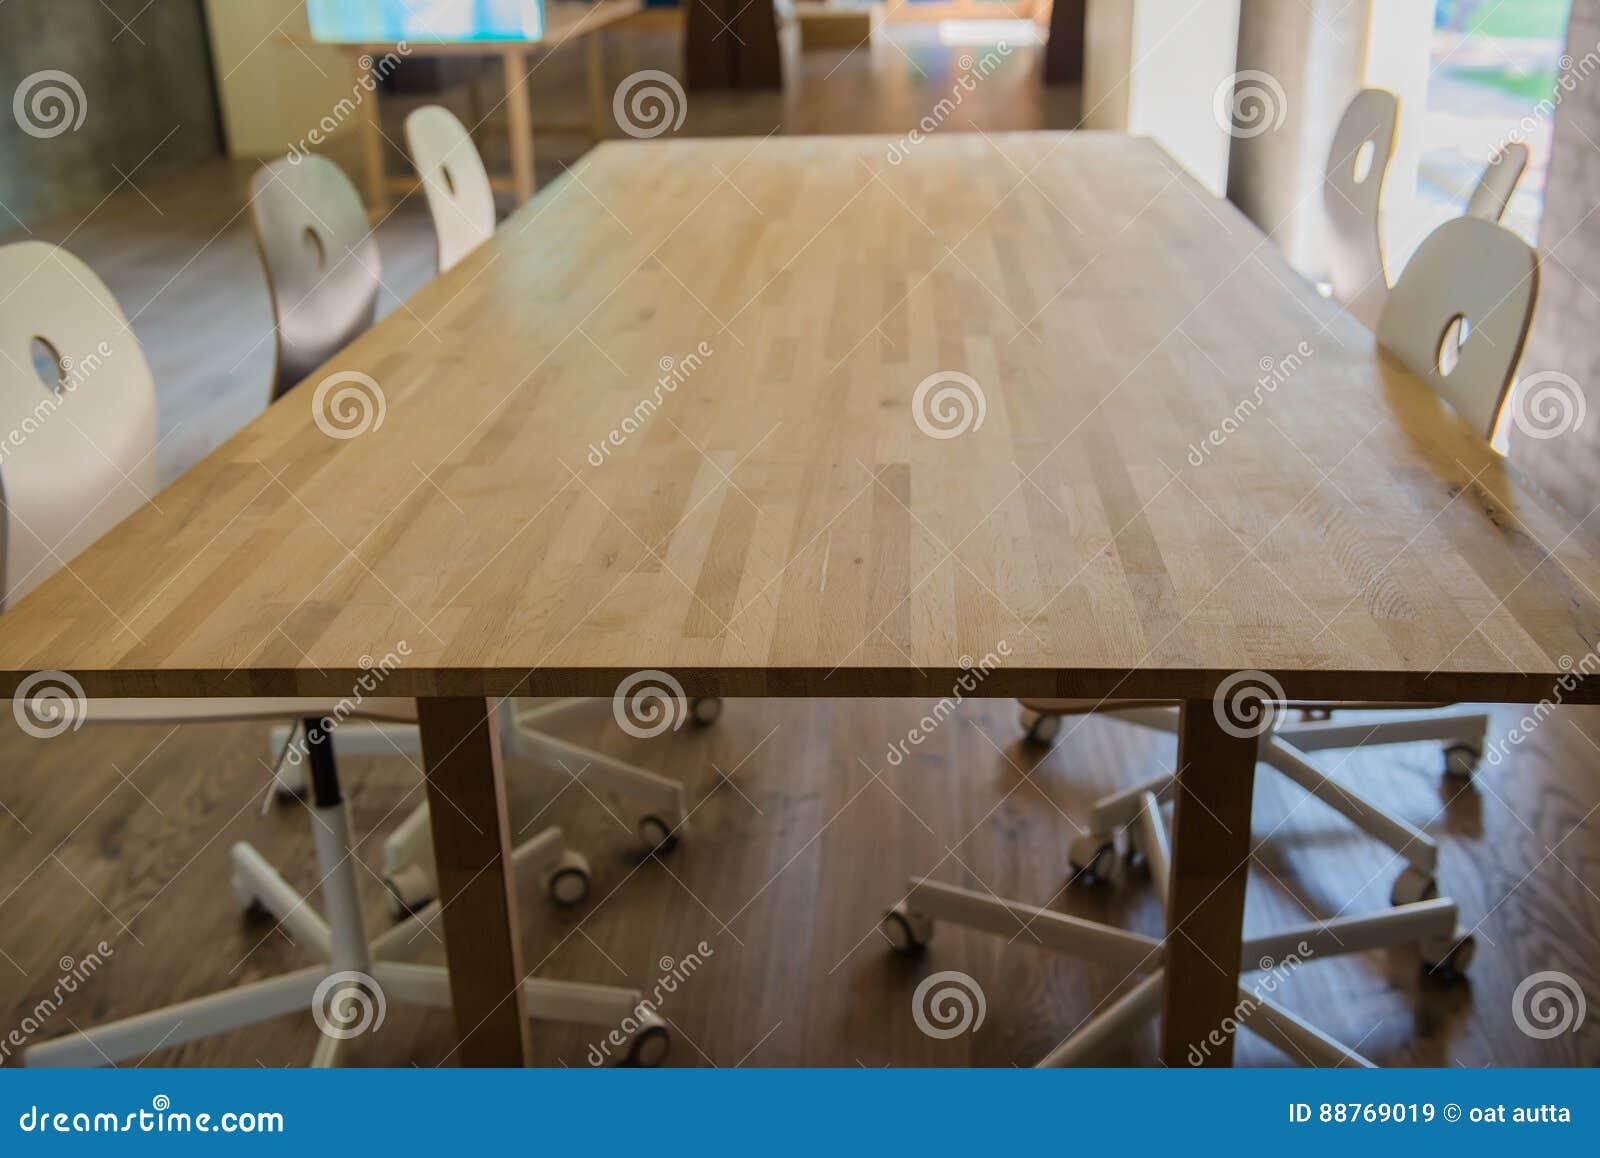 Table en bois moderne dans le bureau image stock image du